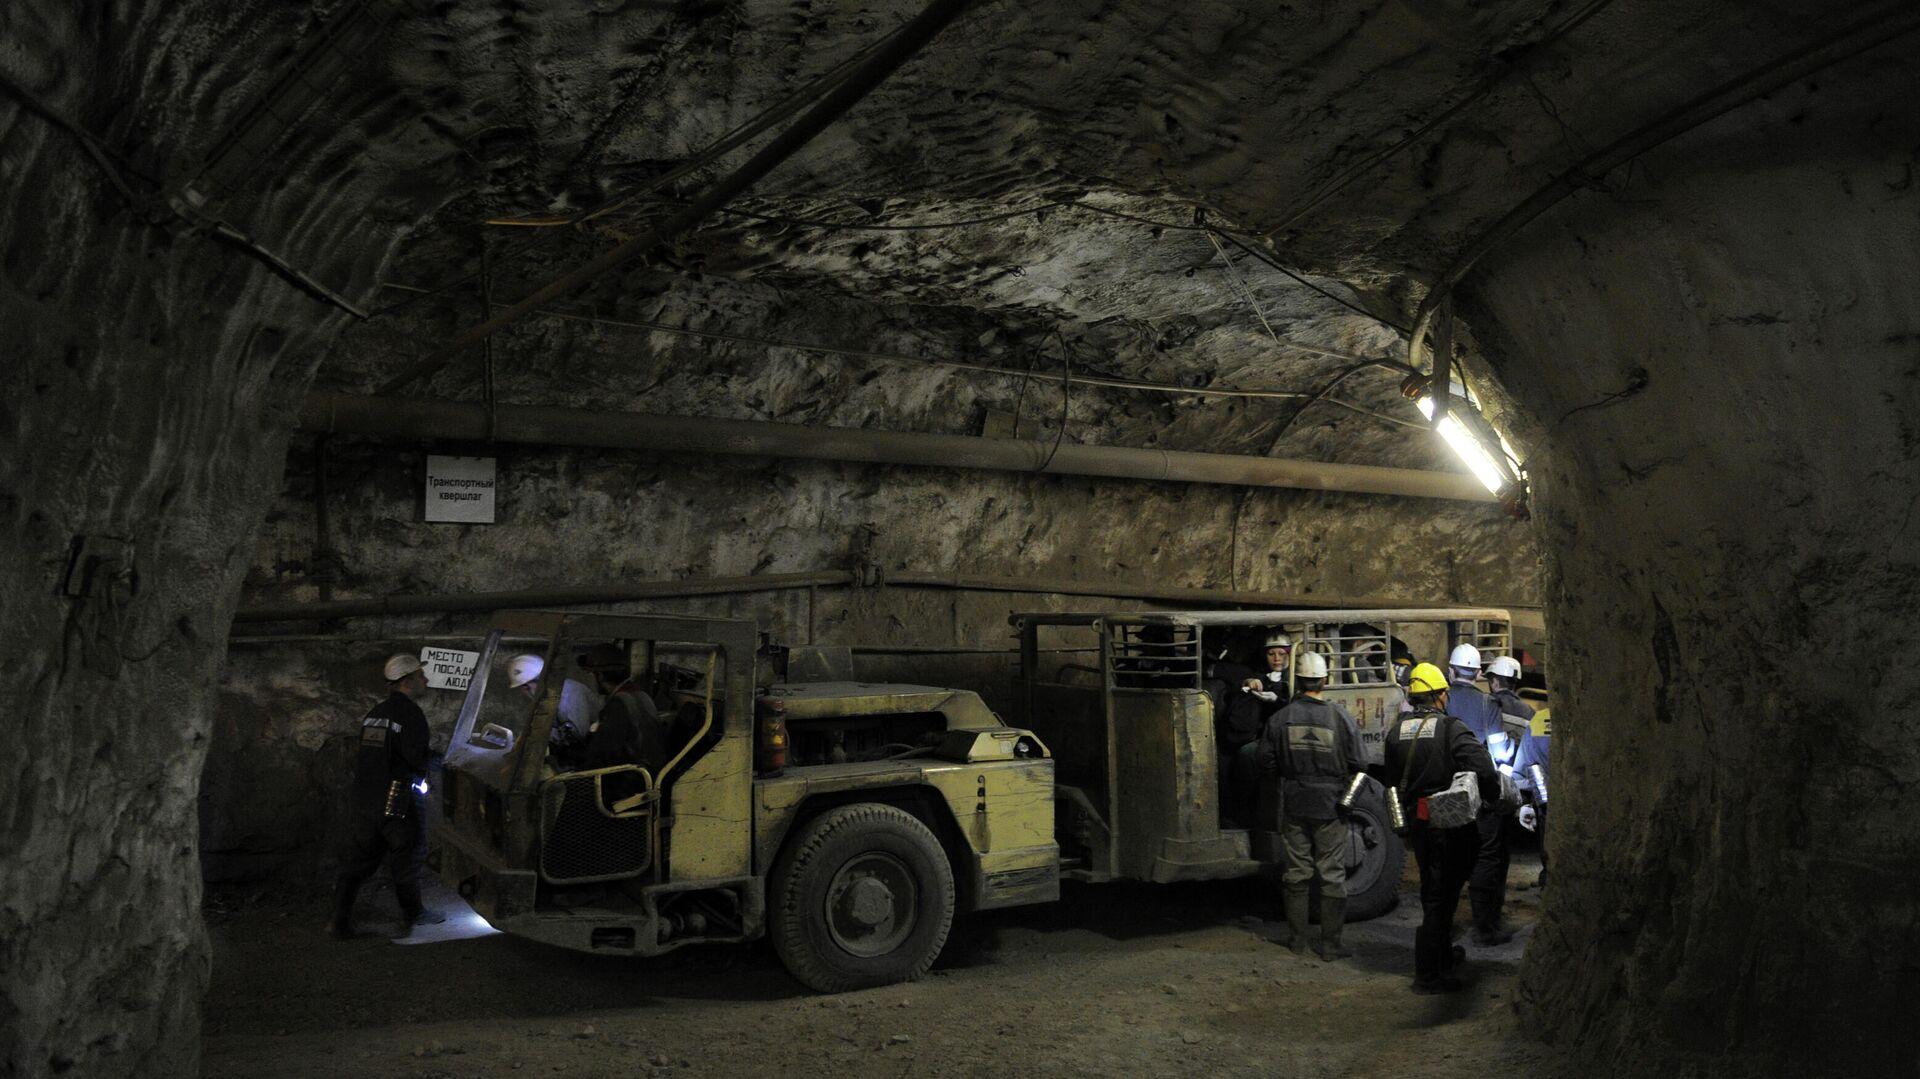 1560074913 0:149:3113:1900 1920x0 80 0 0 3463bb15182cb2b6ea18b9834711803e - На Камчатке при обрушении породы погиб сотрудник рудника